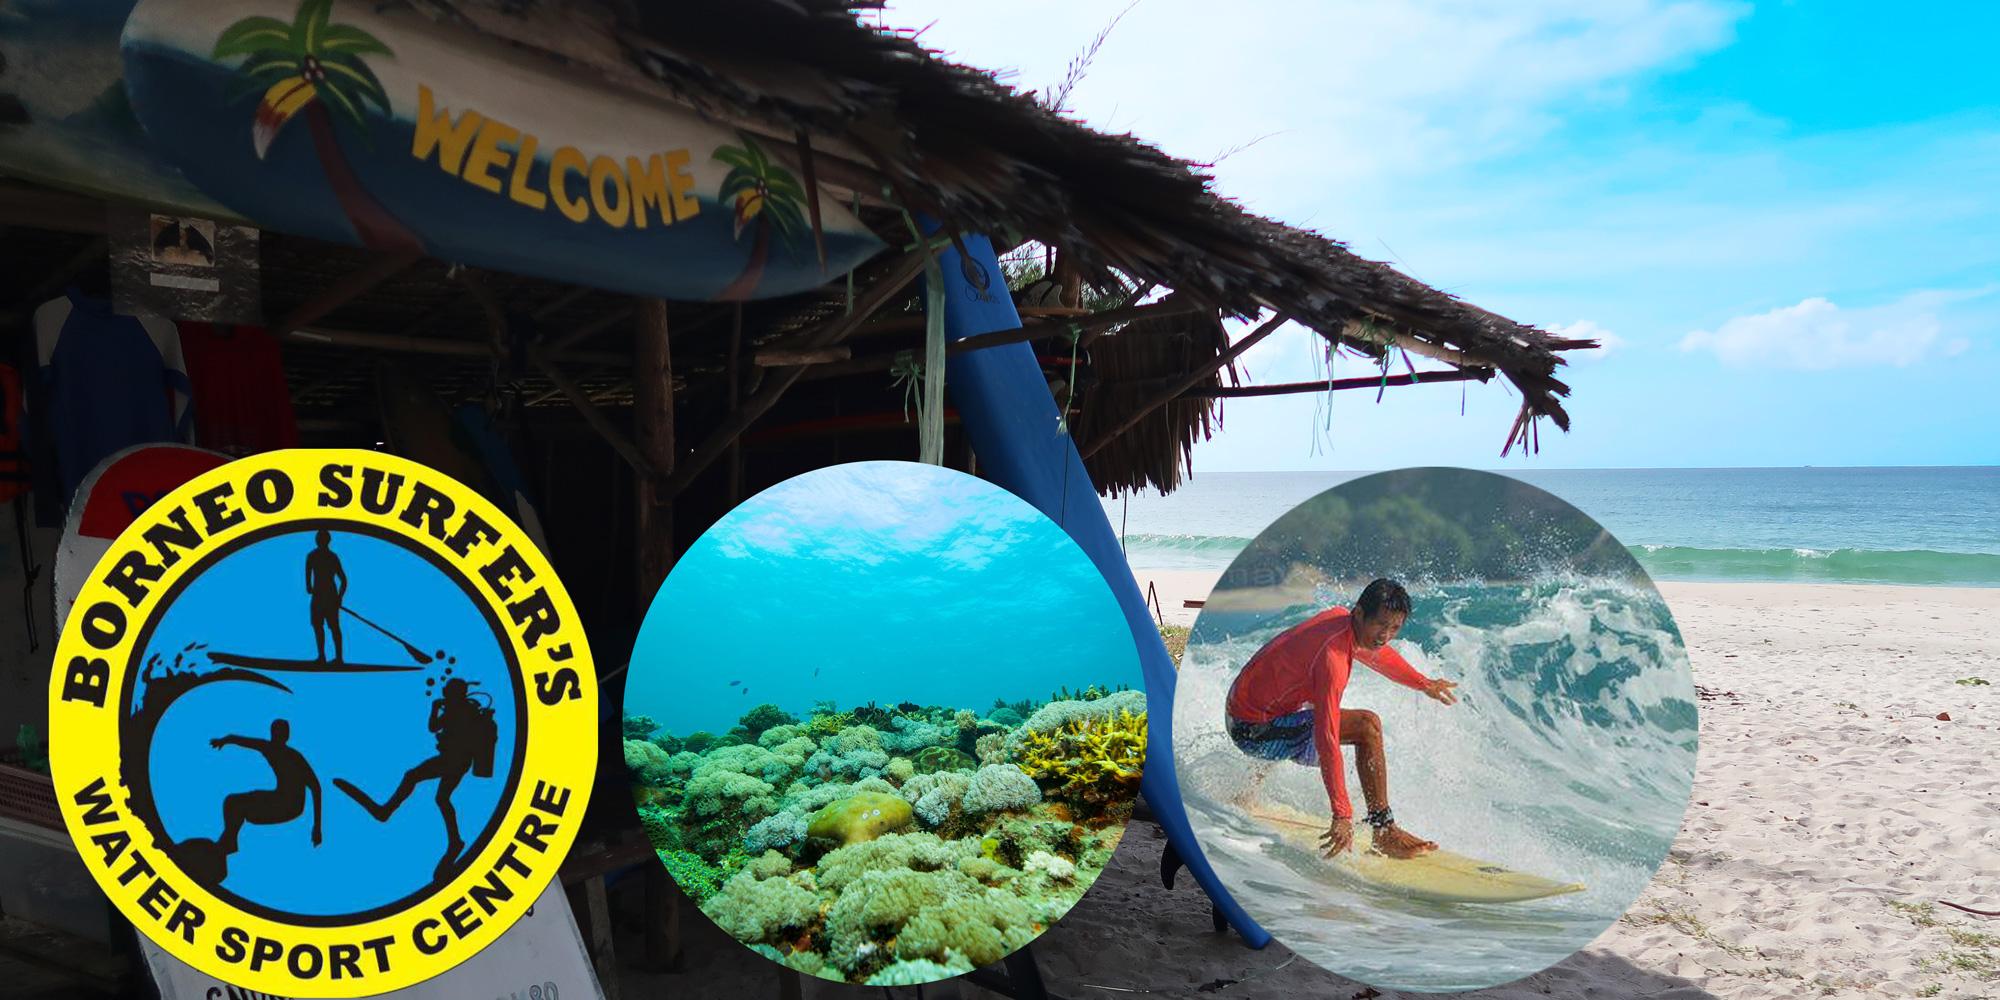 borneo surfers tip of borneo kudat